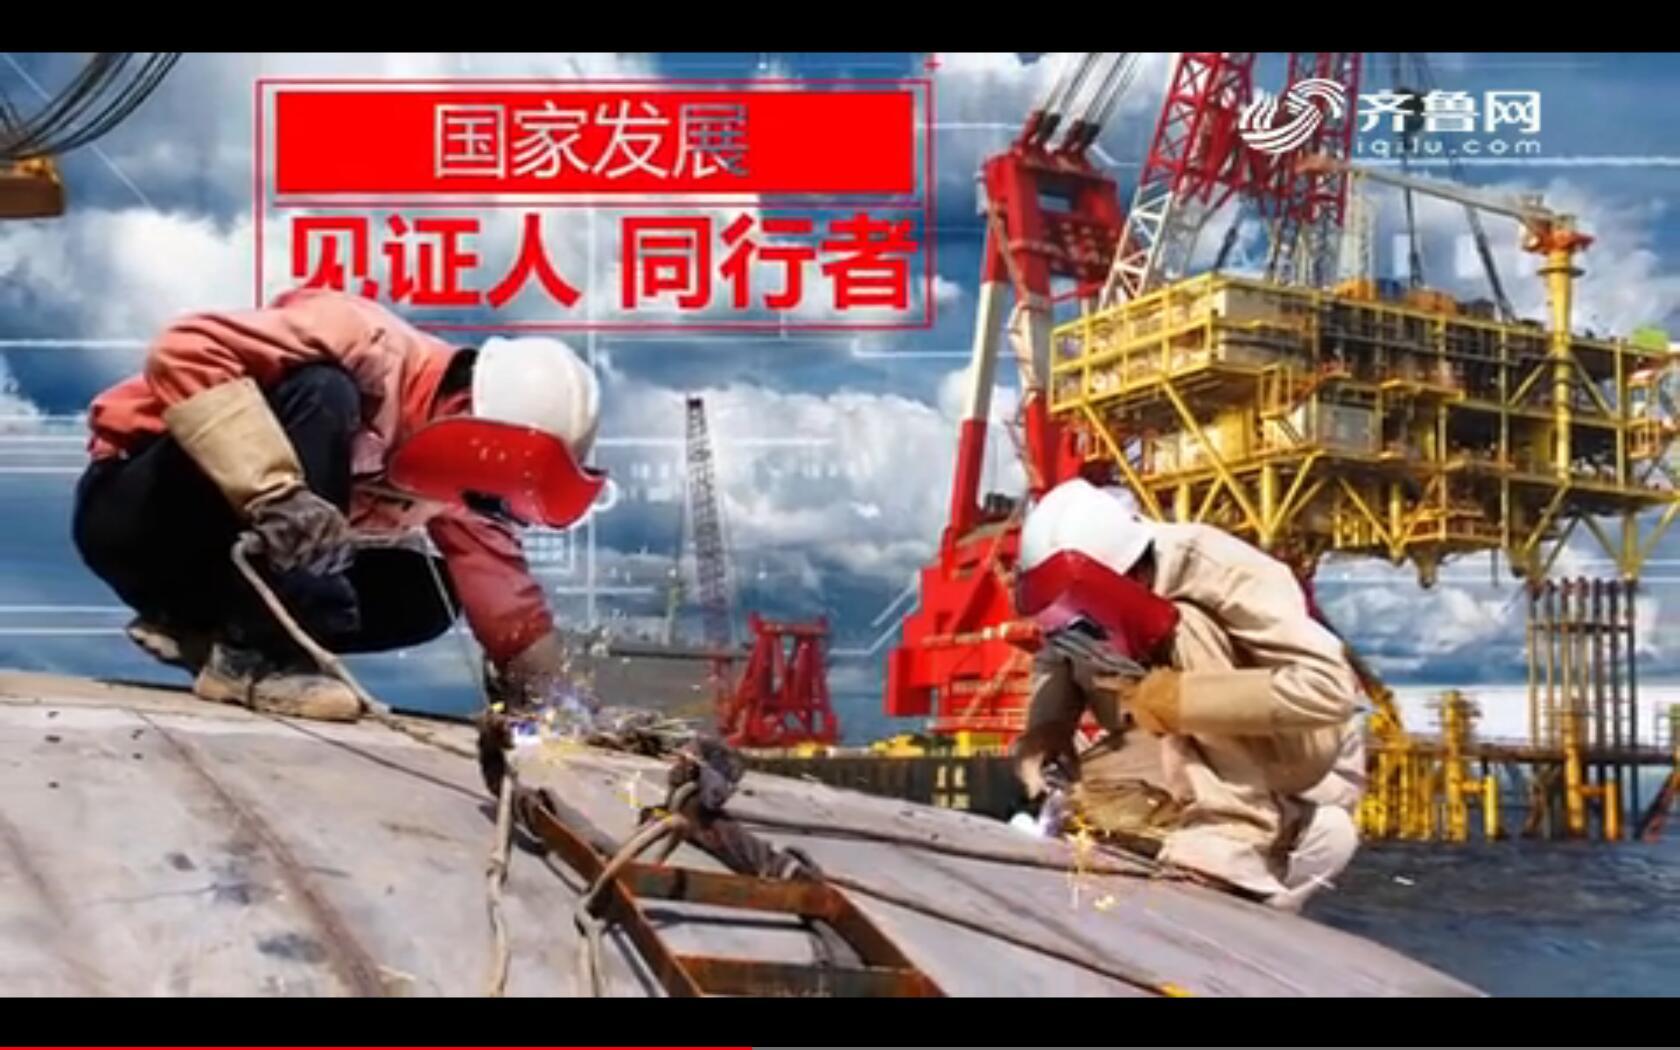 大型内容众筹纪录片《辉煌中国》九月巨献